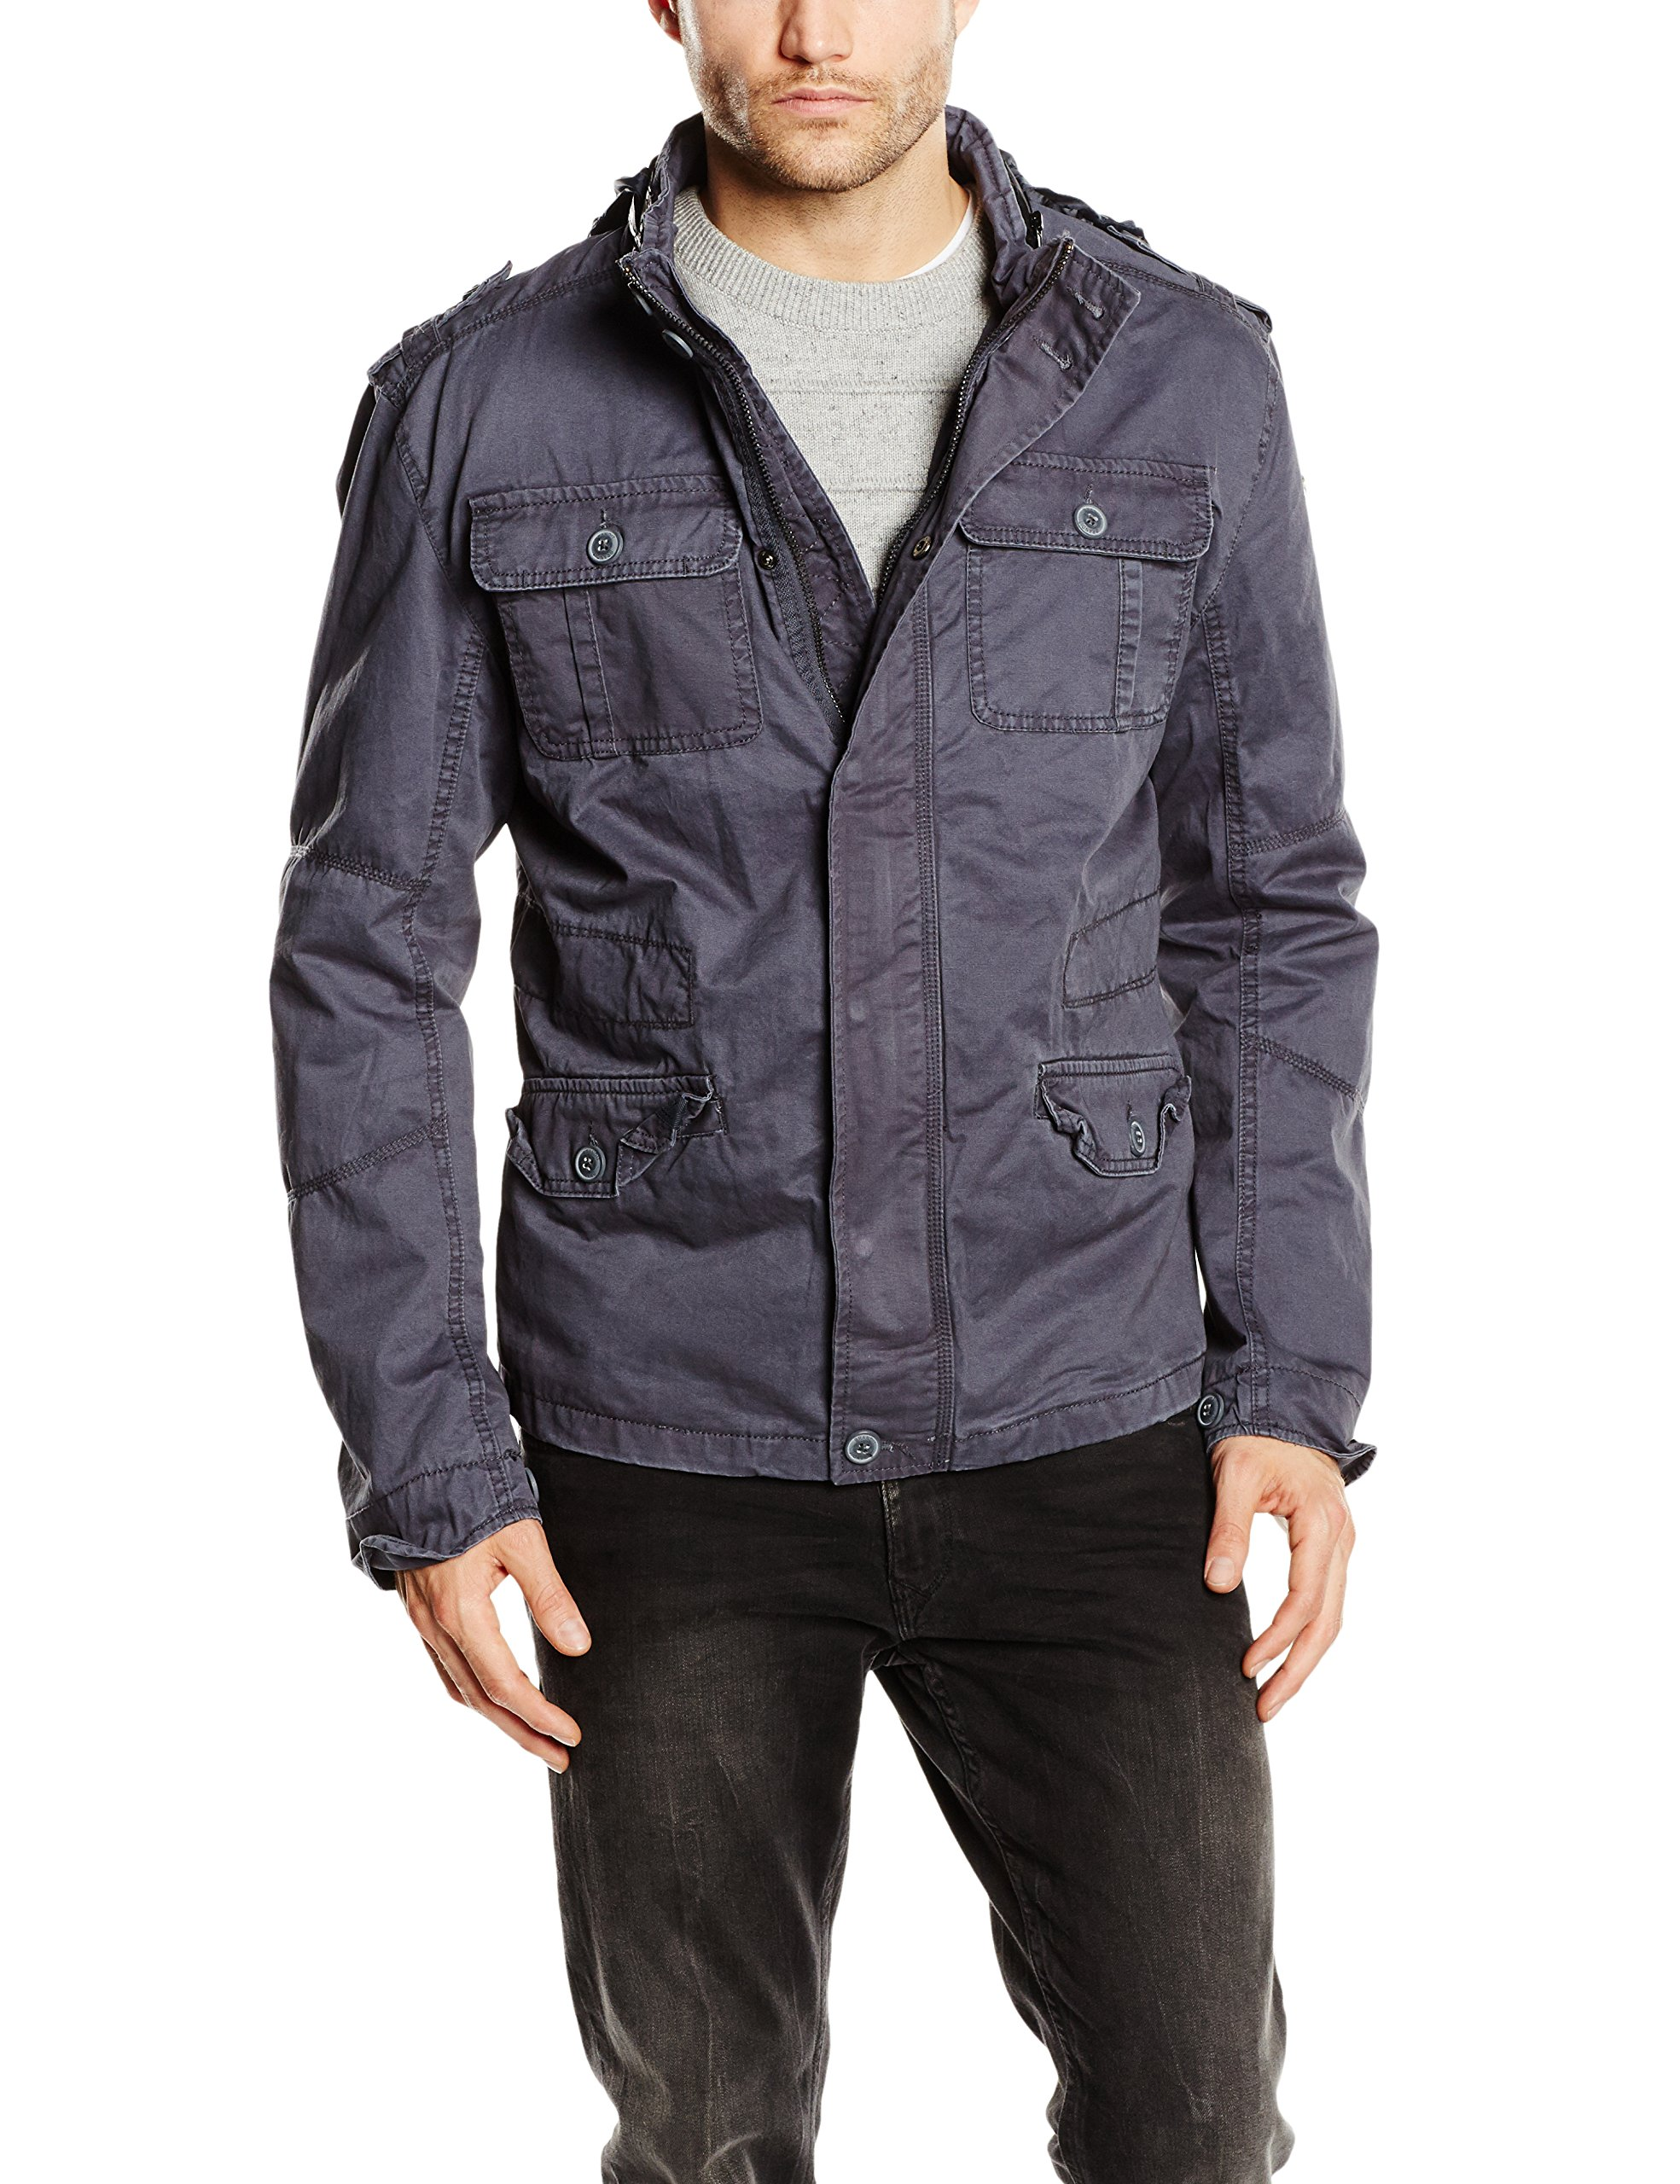 Brandit Britannia Jacket Indigo Size M